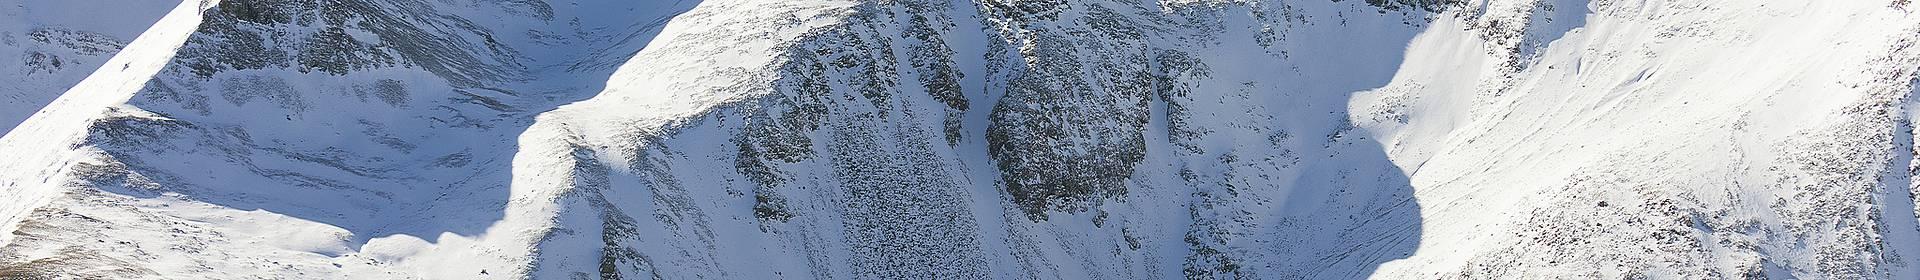 Glaciers Turgen